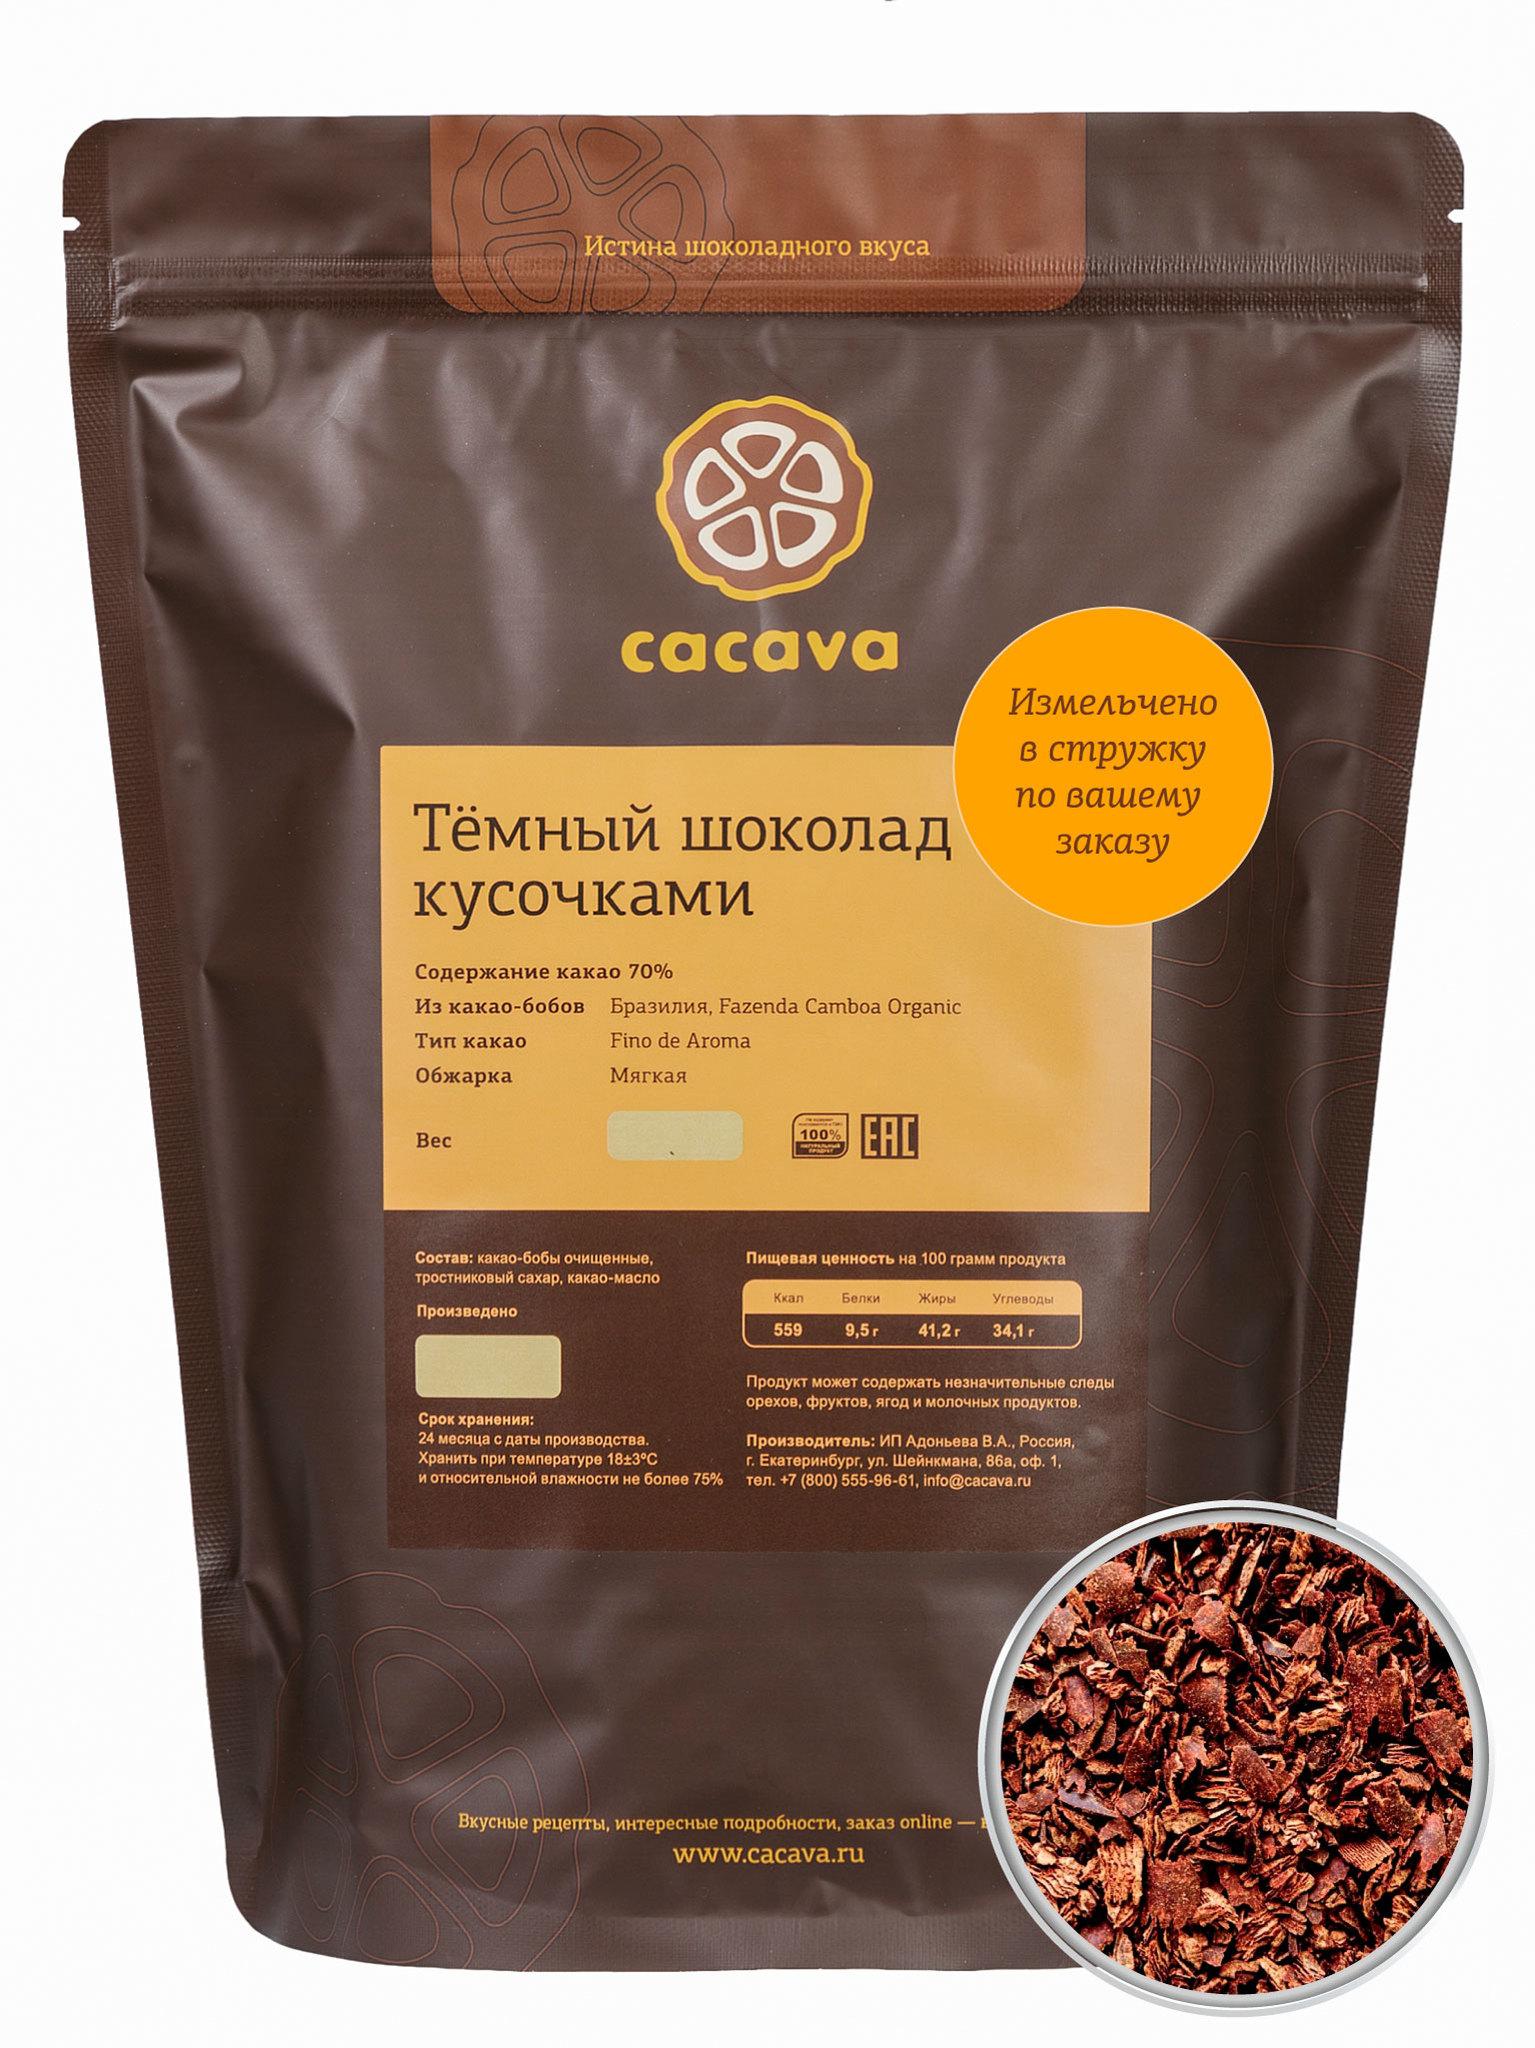 Тёмный шоколад 70 % какао в стружке (Бразилия, Fazenda Camboa), упаковка 1 кг